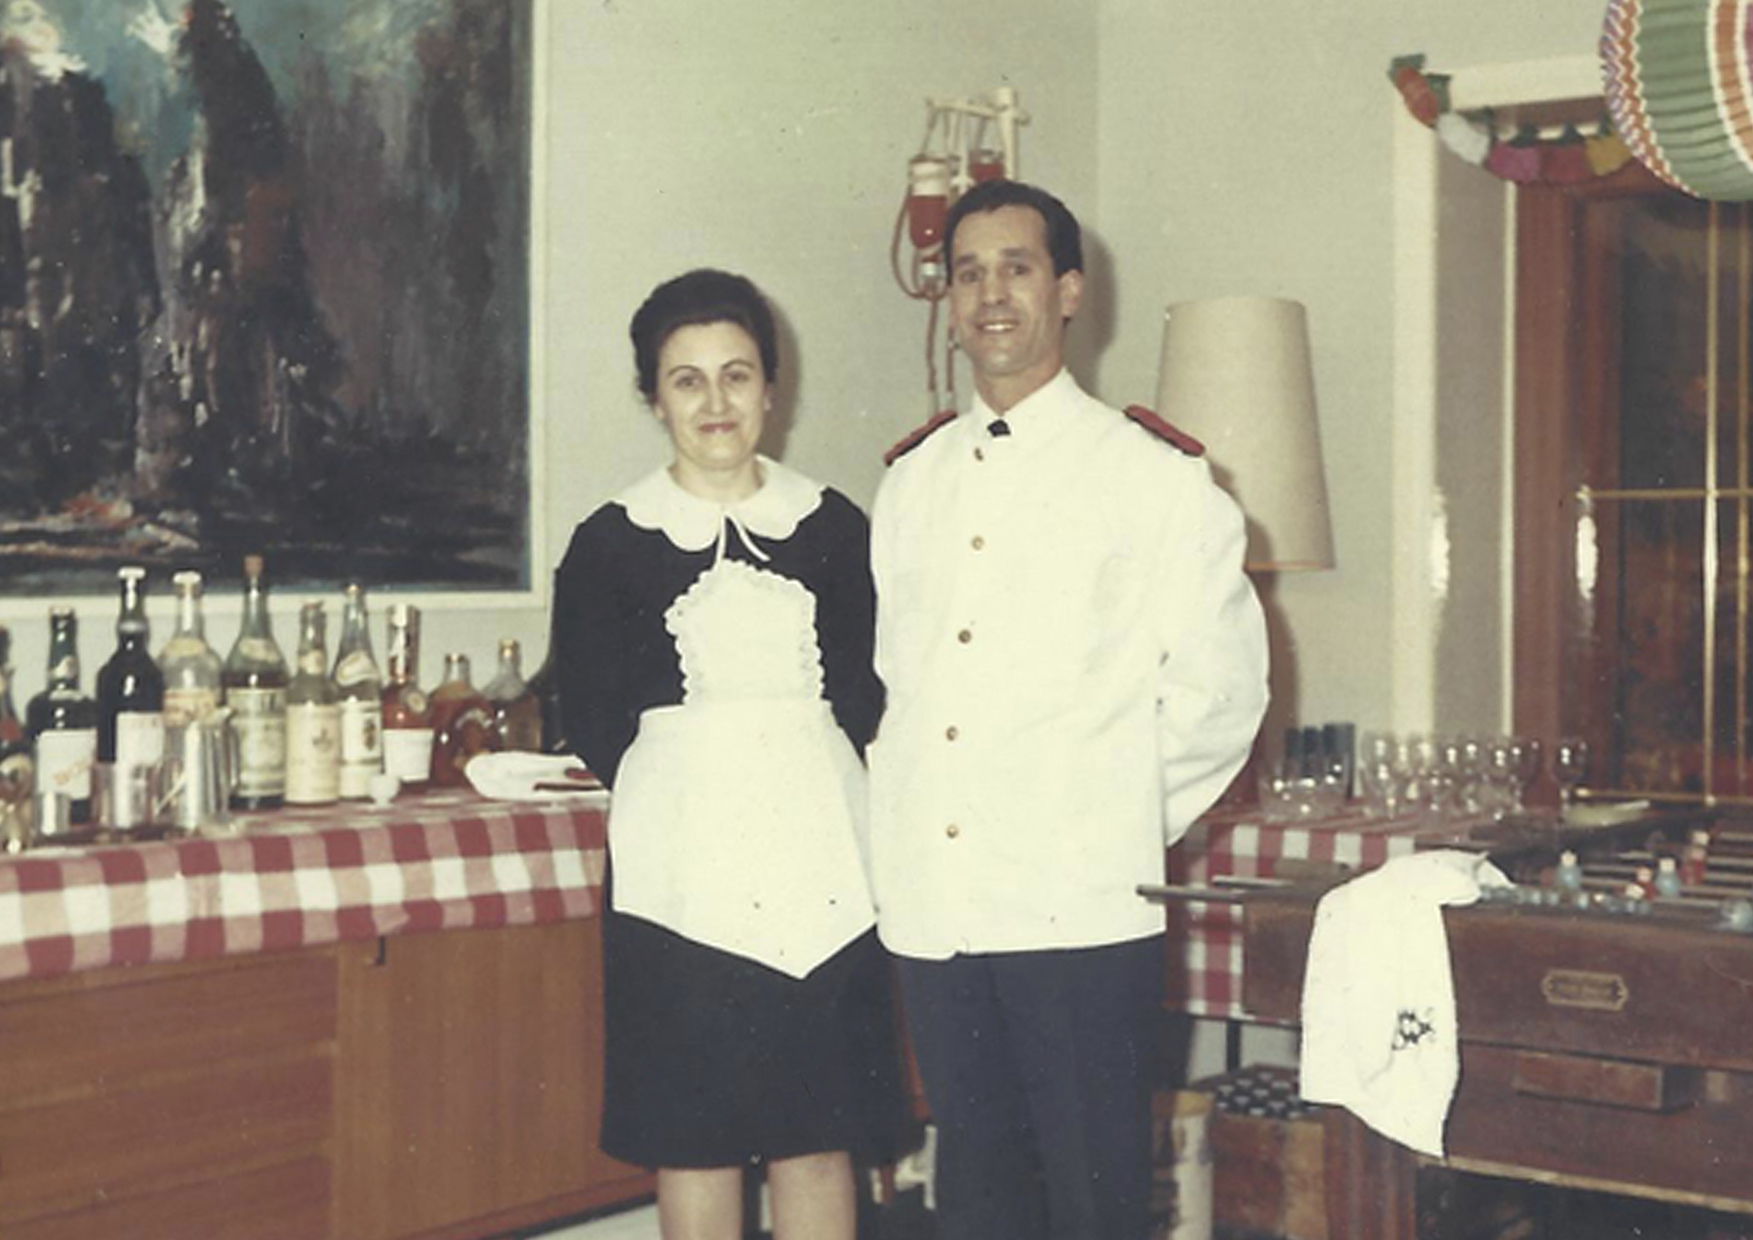 Mijn Spaanse grootouders toen ze aankwamen in Antwerpen. Ze kookten en dienden op bij een dokter thuis.